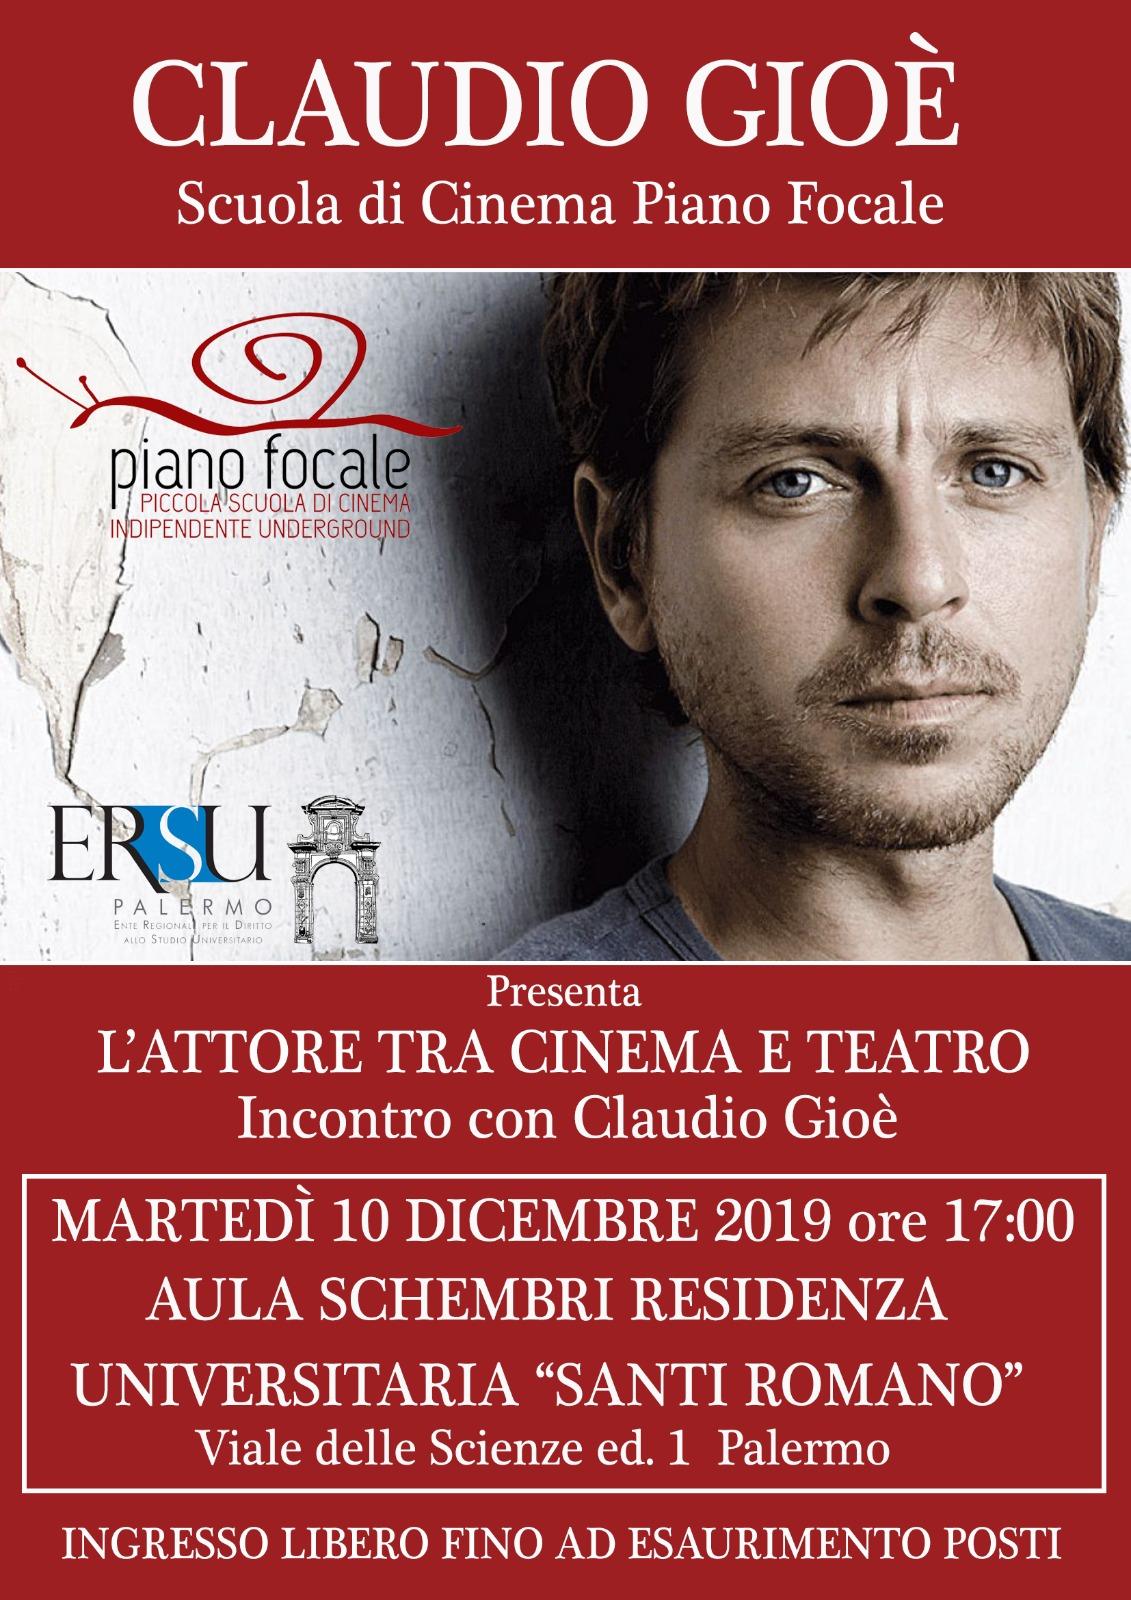 Incontro con Claudio Gioè – 10 dicembre